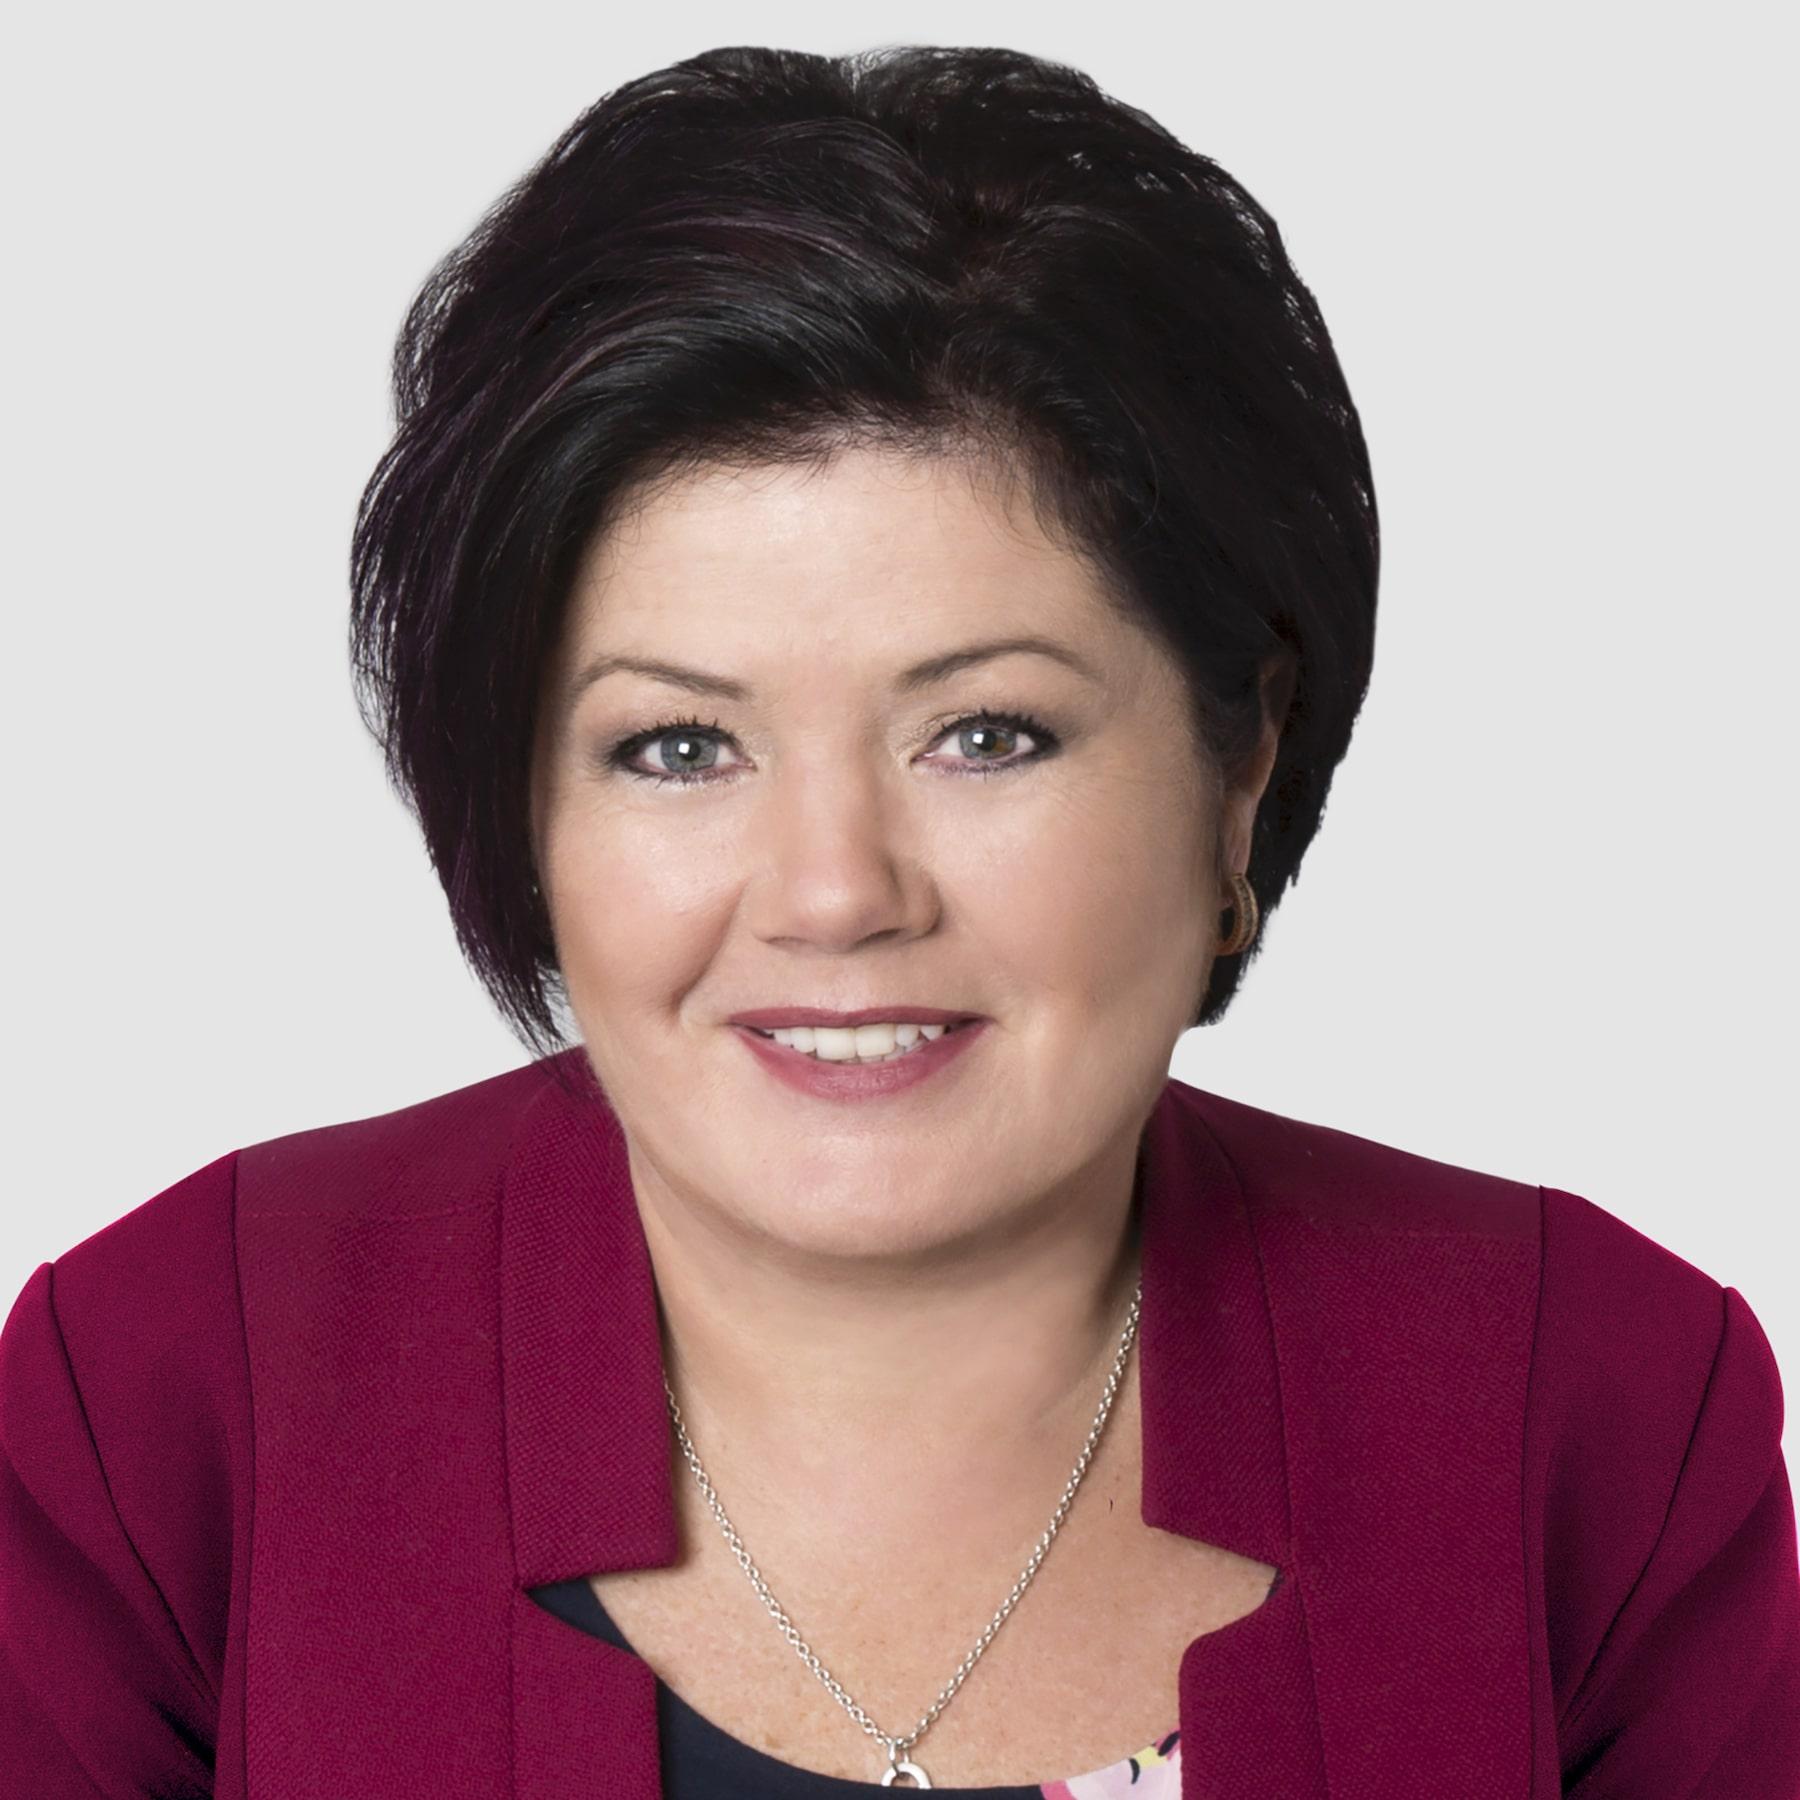 Elaine Kasperek